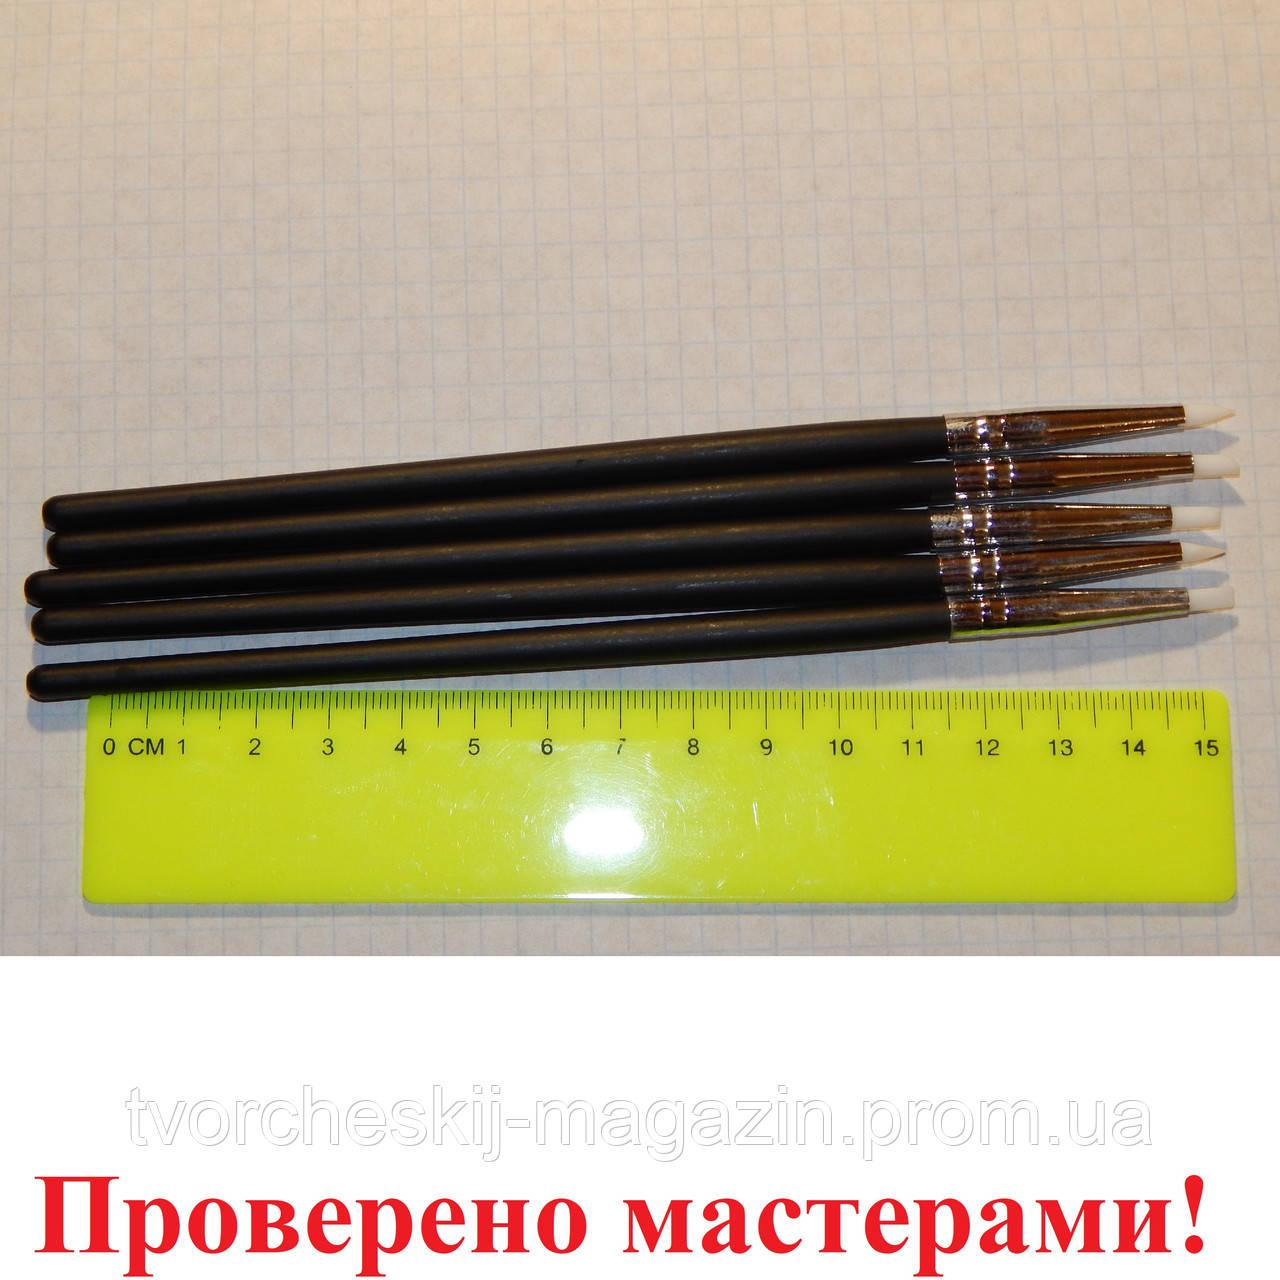 Кисти силиконовые маленькие, набор 5 шт.